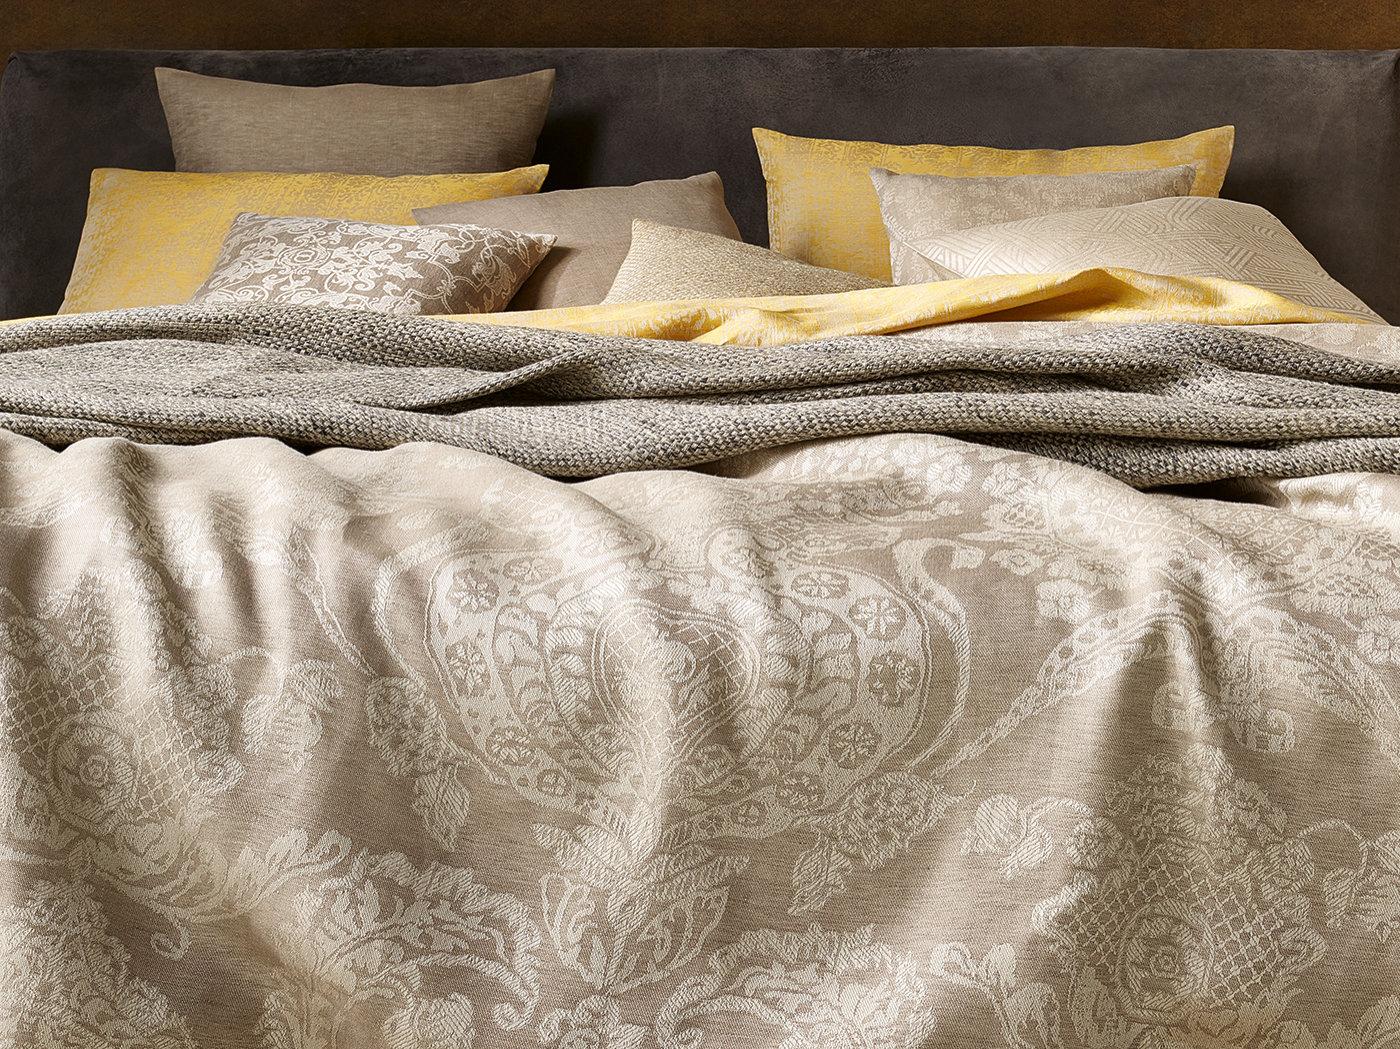 Full Size of Tagesdecke Bett 160 Möbel Boss Betten Ausstellungsstück 200x200 Komforthöhe 2x2m Mit Schubladen 180x200 Skandinavisch Hohes Leander King Size Niedrig Bett Tagesdecke Bett